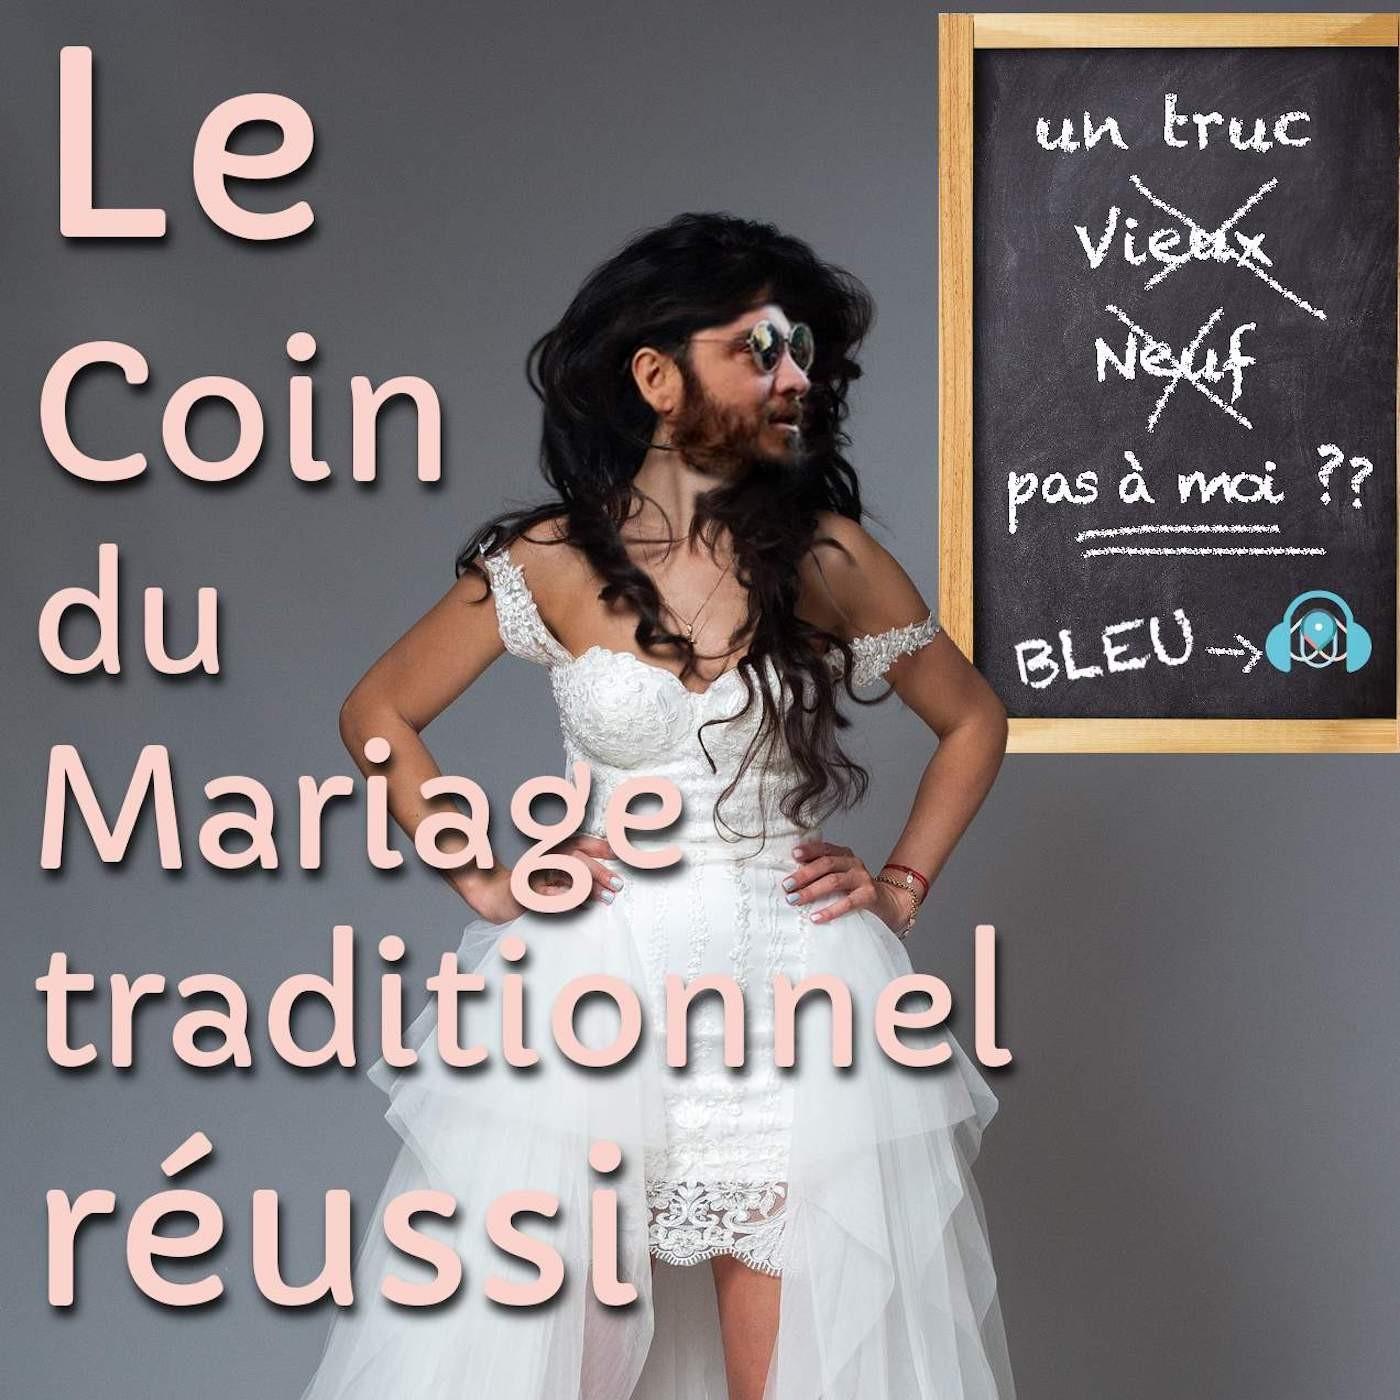 LE COIN DU MARIAGE TRADITIONNEL RÉUSSI S1E14